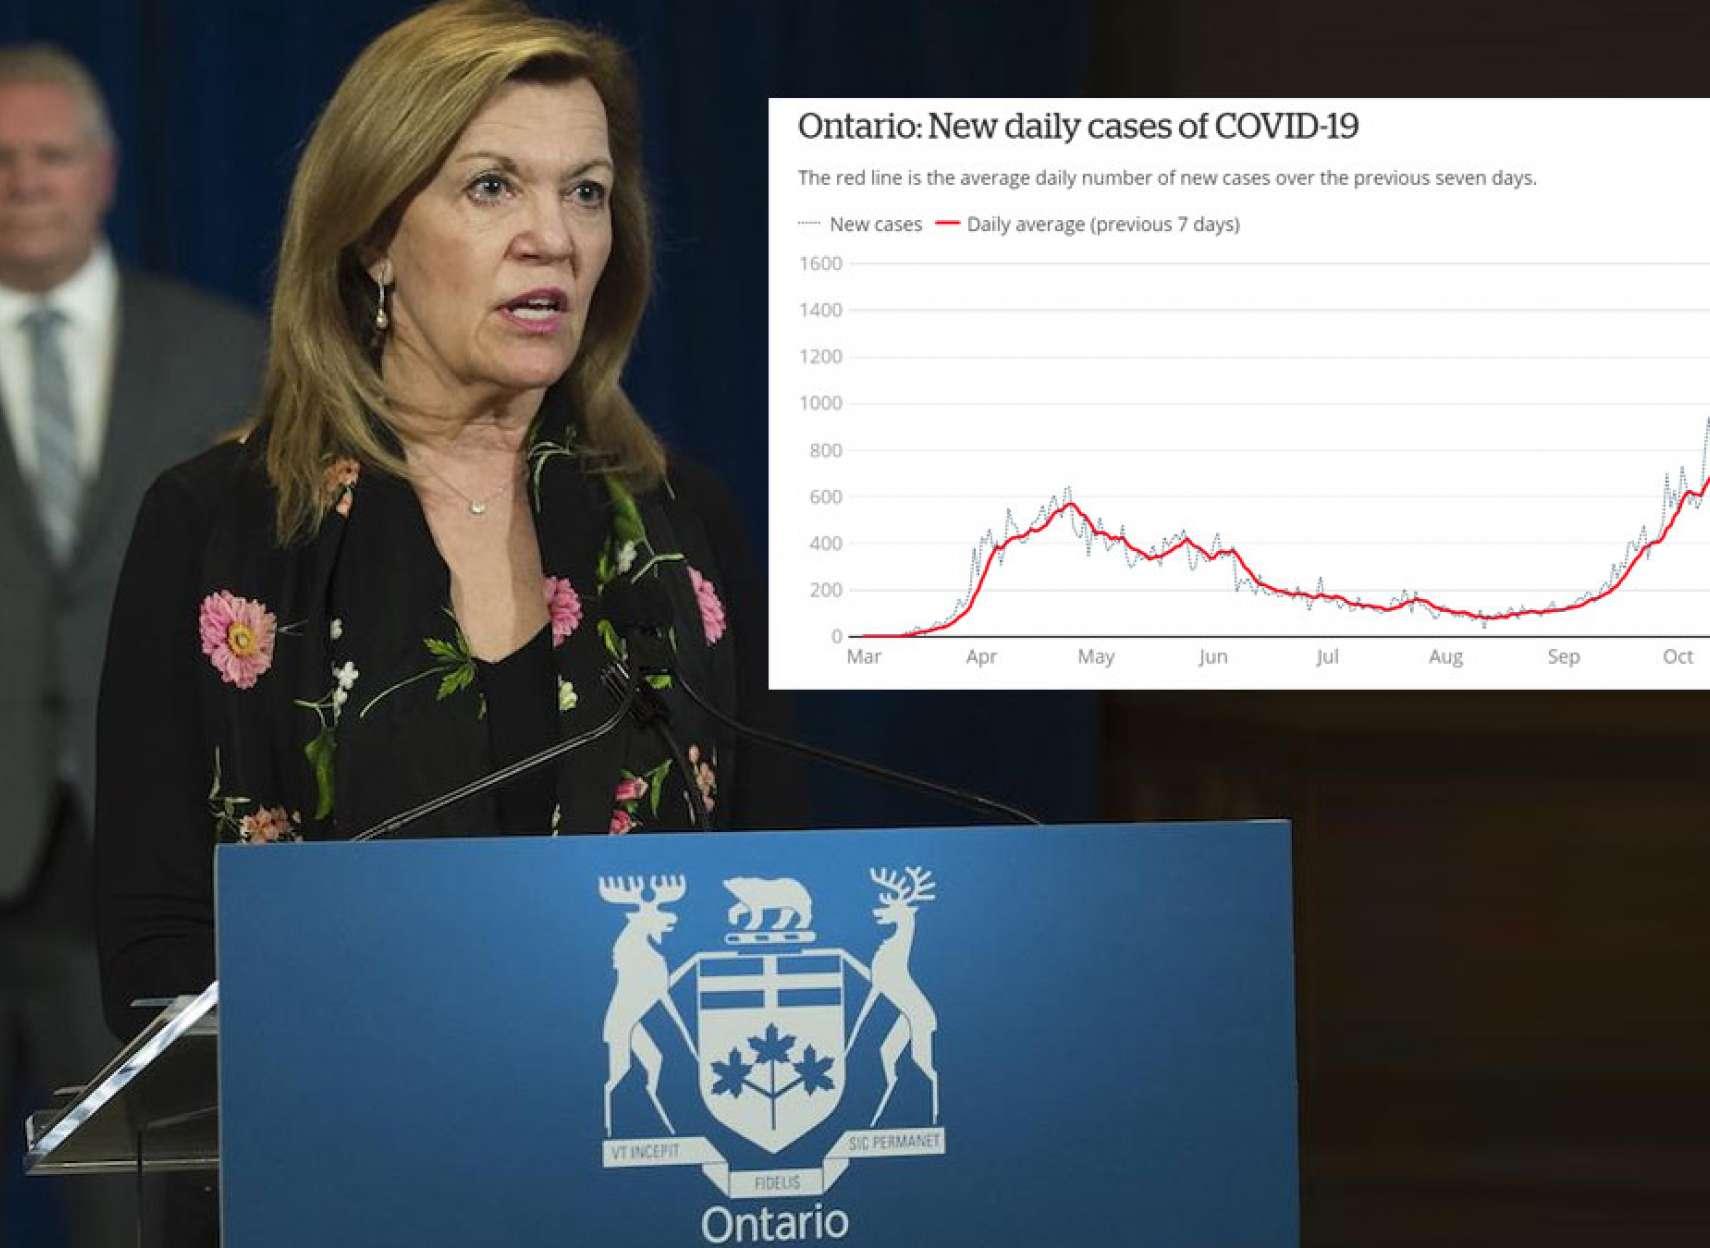 اخبار-تورنتو-ادامه-رکوردشکنی-در-انتاریو-در-عین-آماده-شدن-برای-واکسن-کرونا